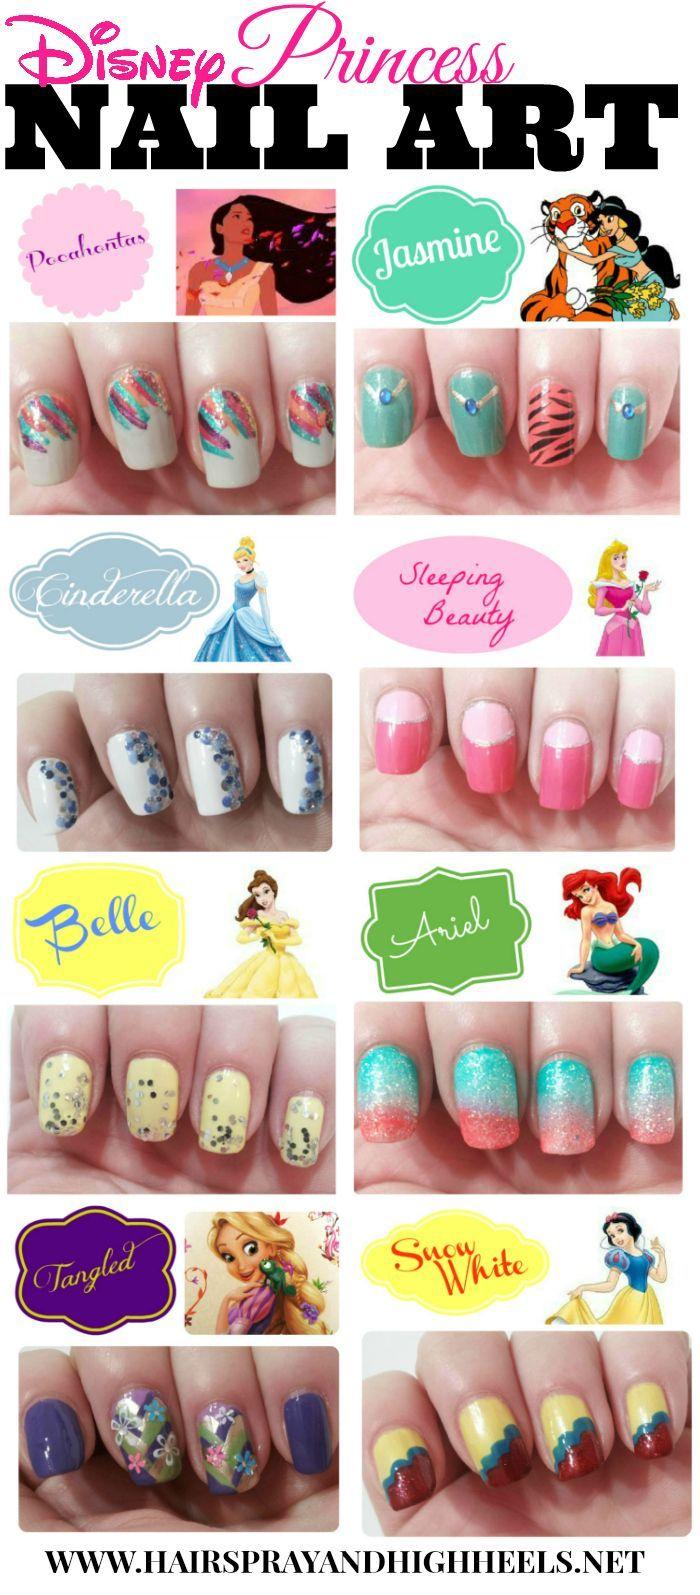 Disney Princess Inspired Nails | Nageldesign, Nagelschere und Nagellack